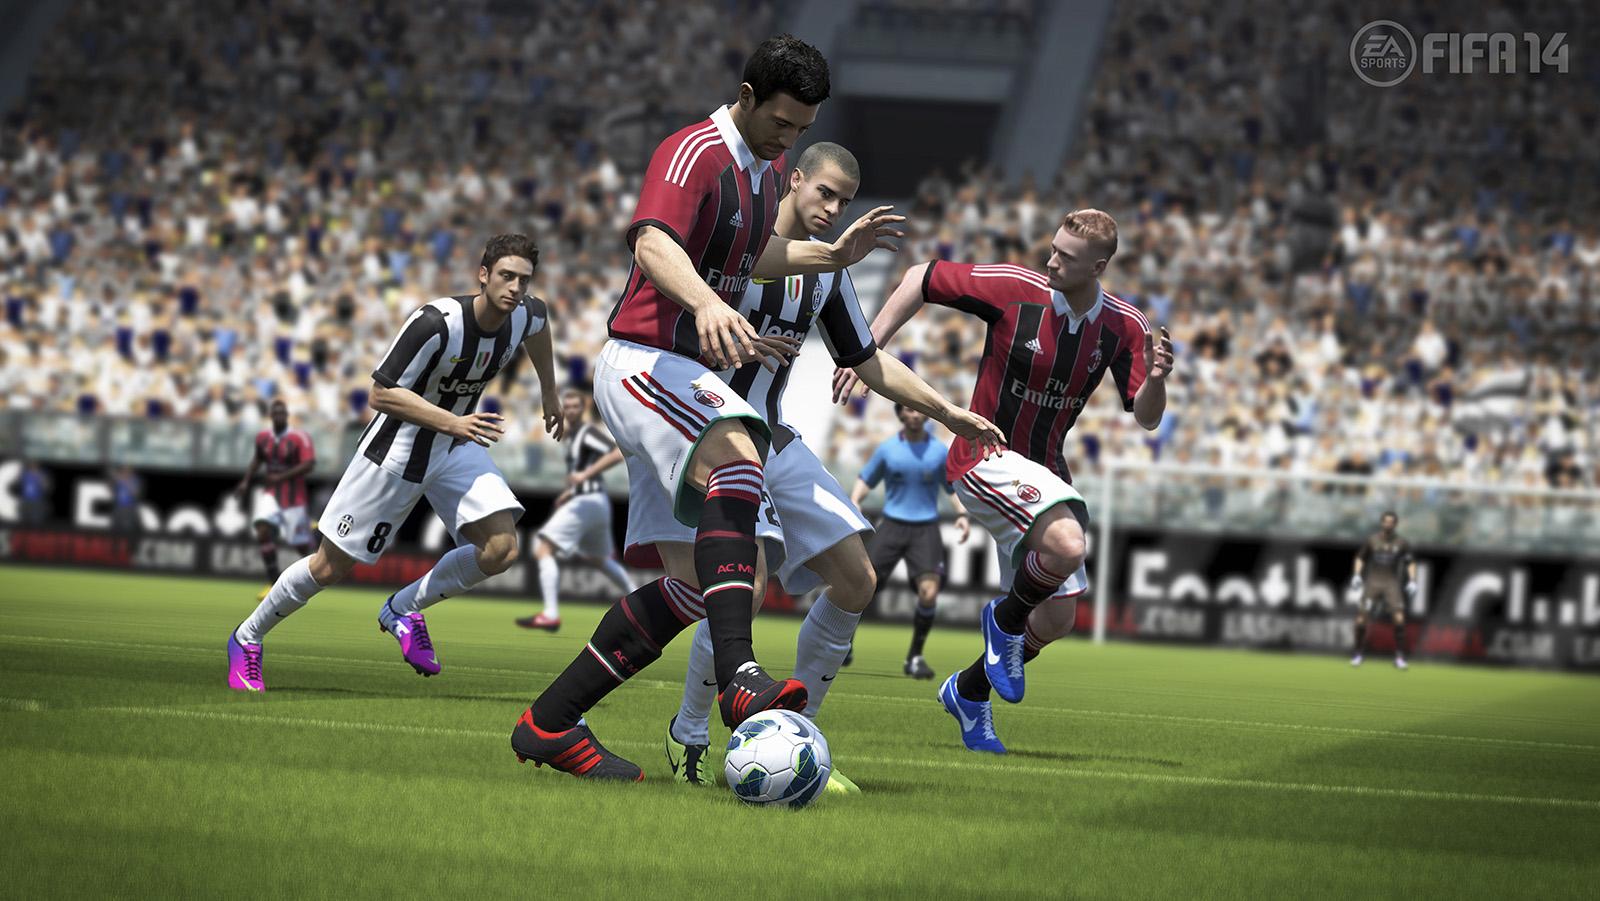 FIFA 14 Games